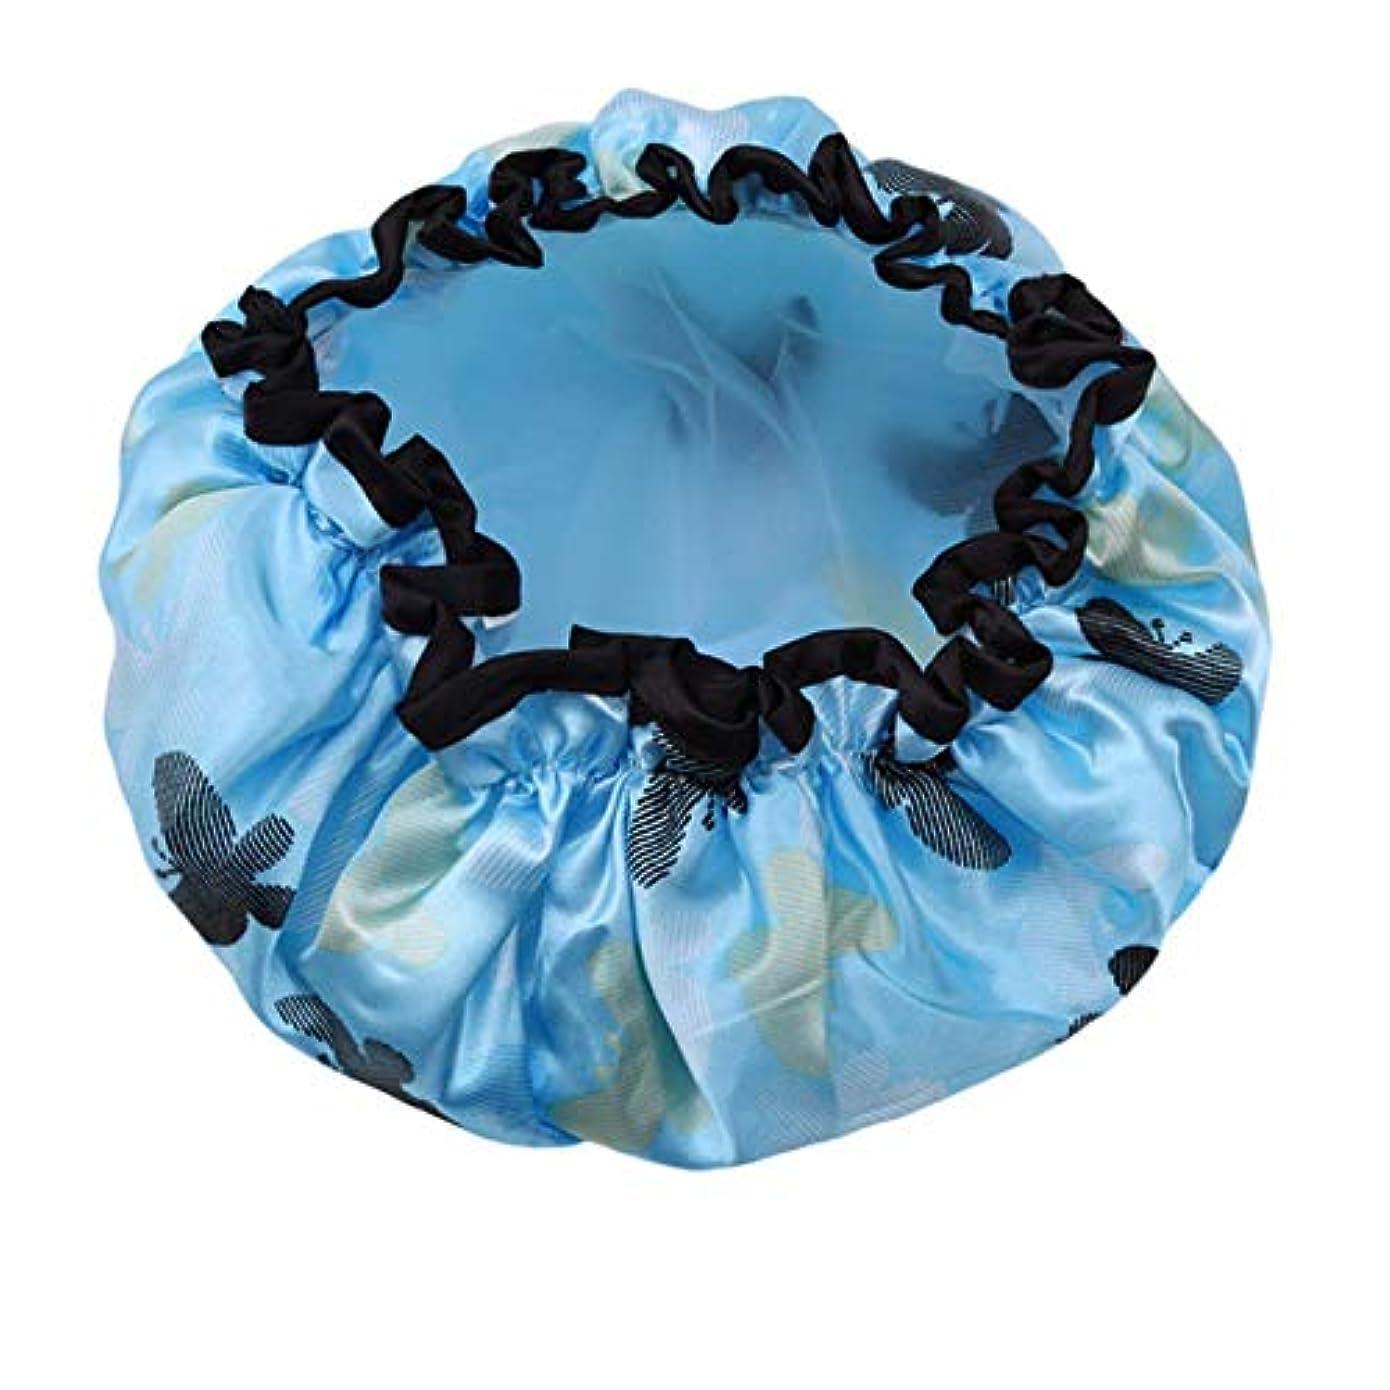 キリスト止まるシール1st market プレミアム二層バスキャップエラスティックバンドシャワー帽子防水女性用シャワースパスタイル3